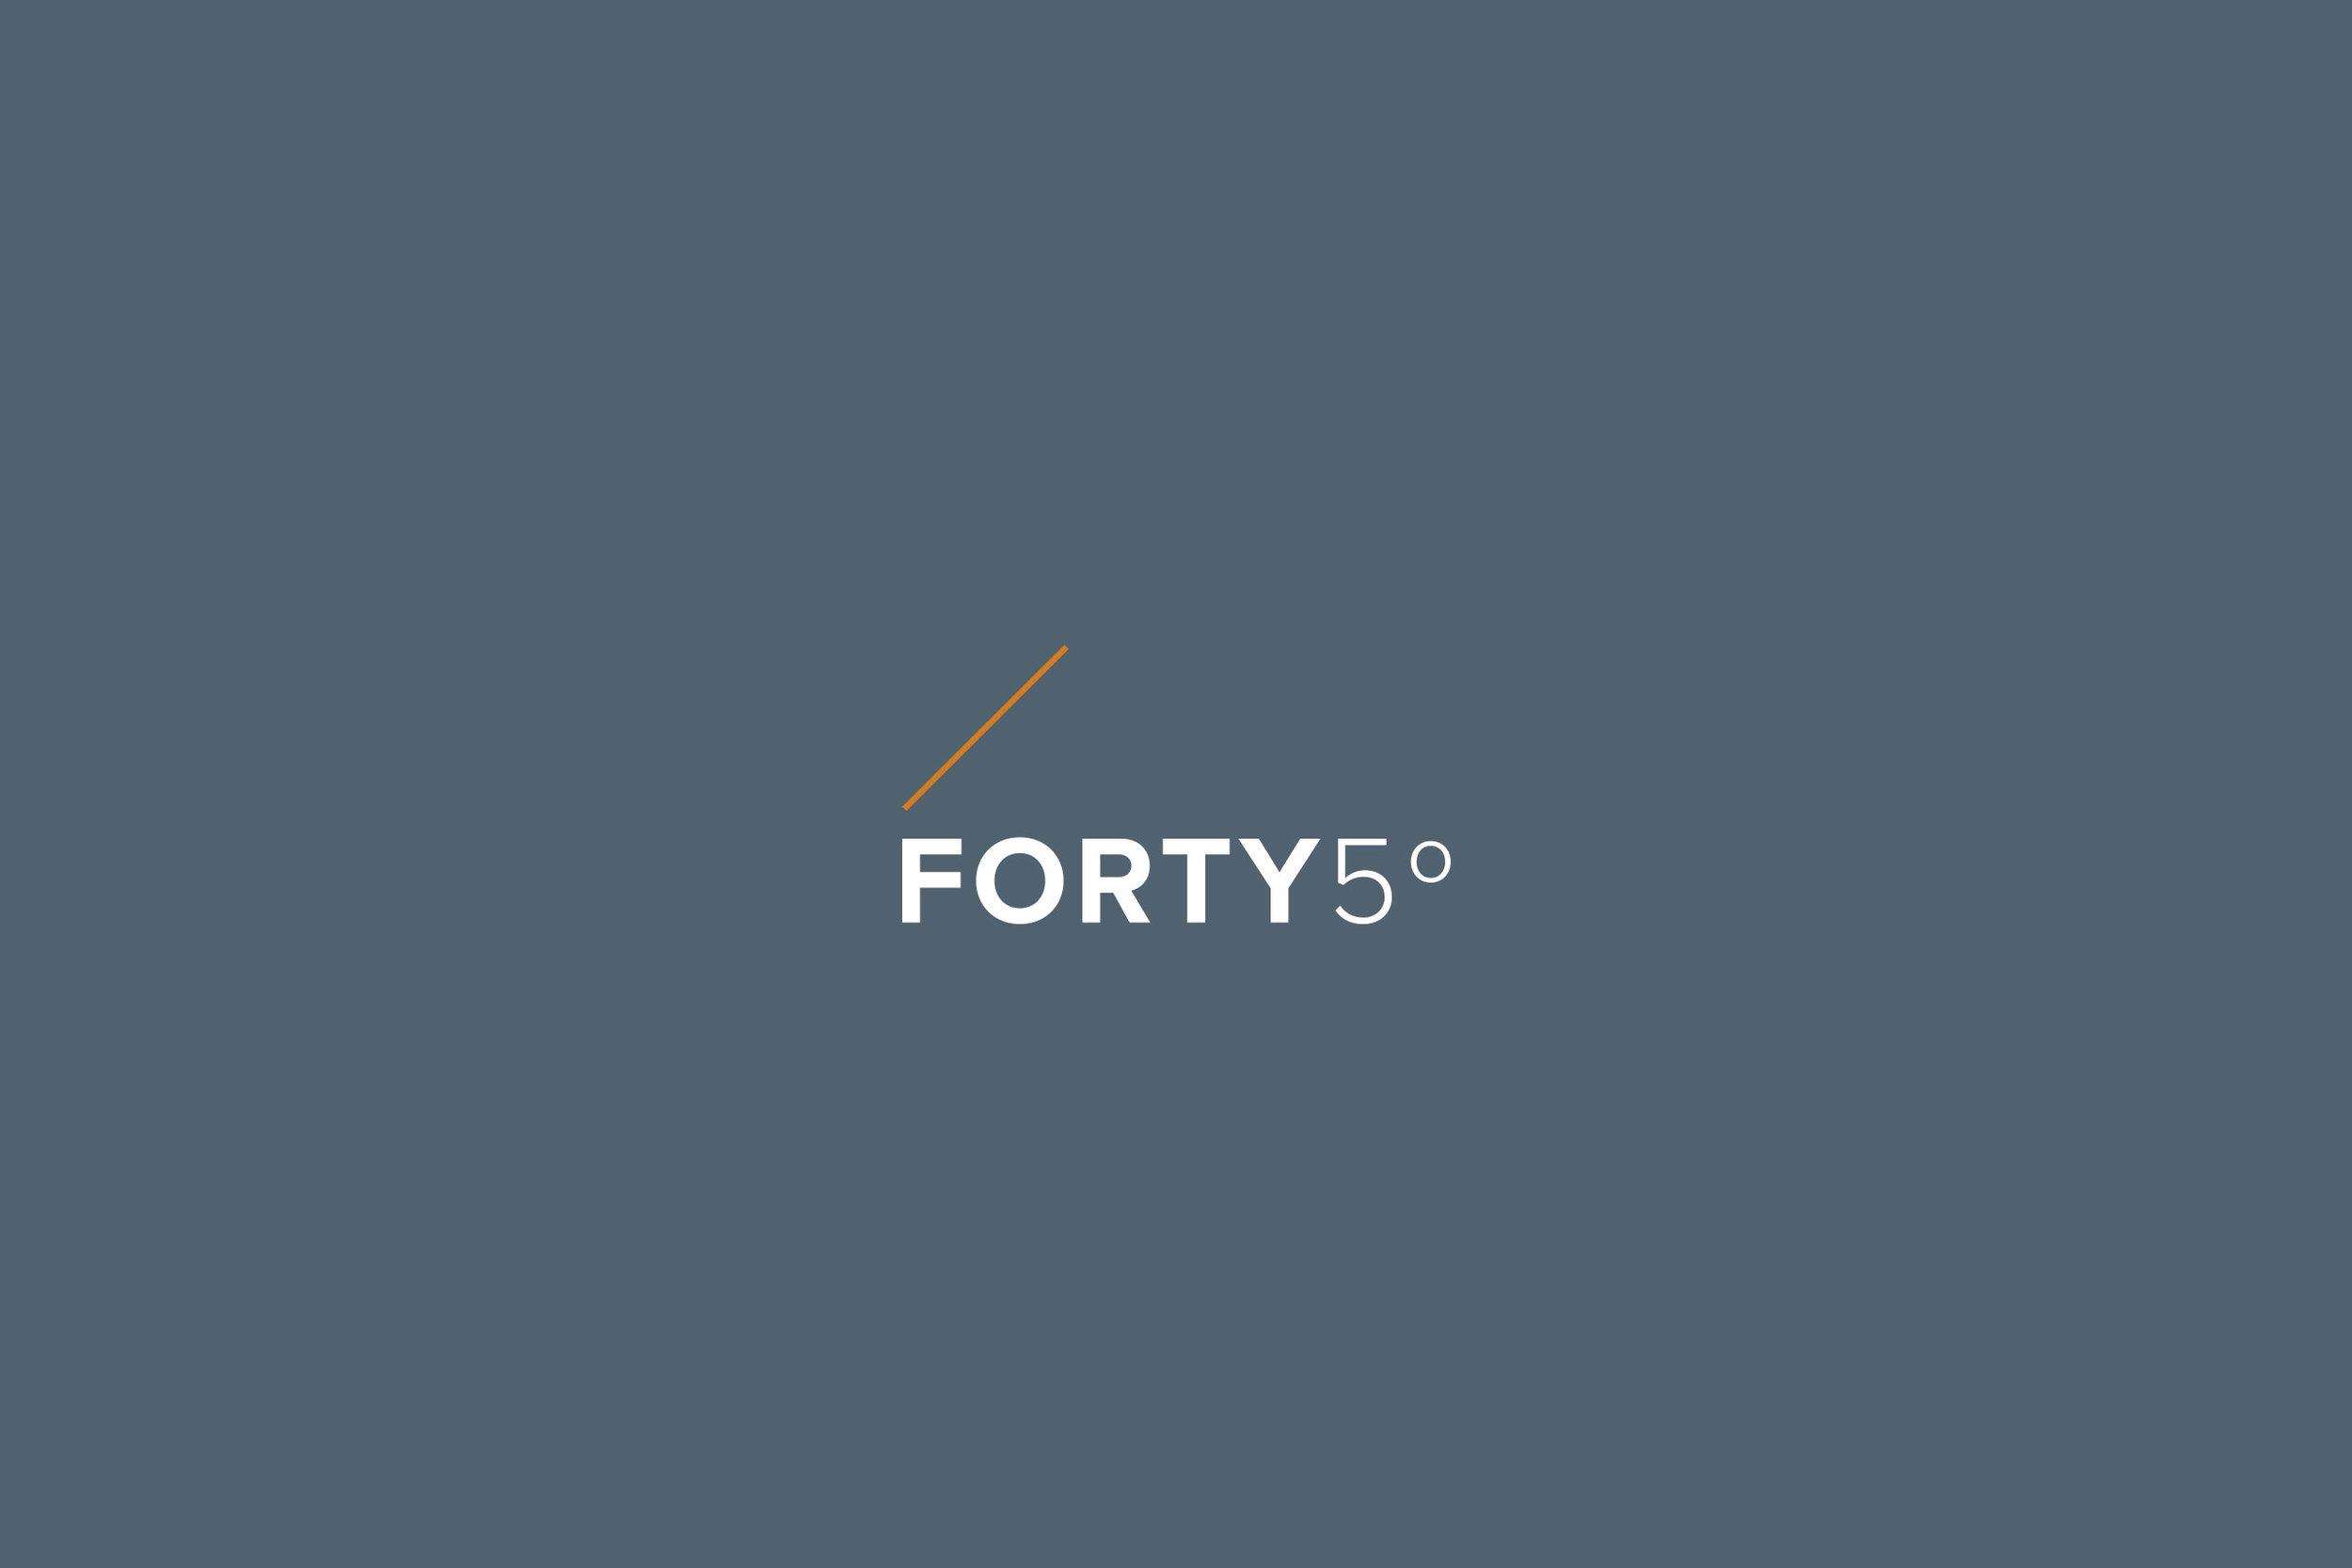 forty5-logo-lg.jpg